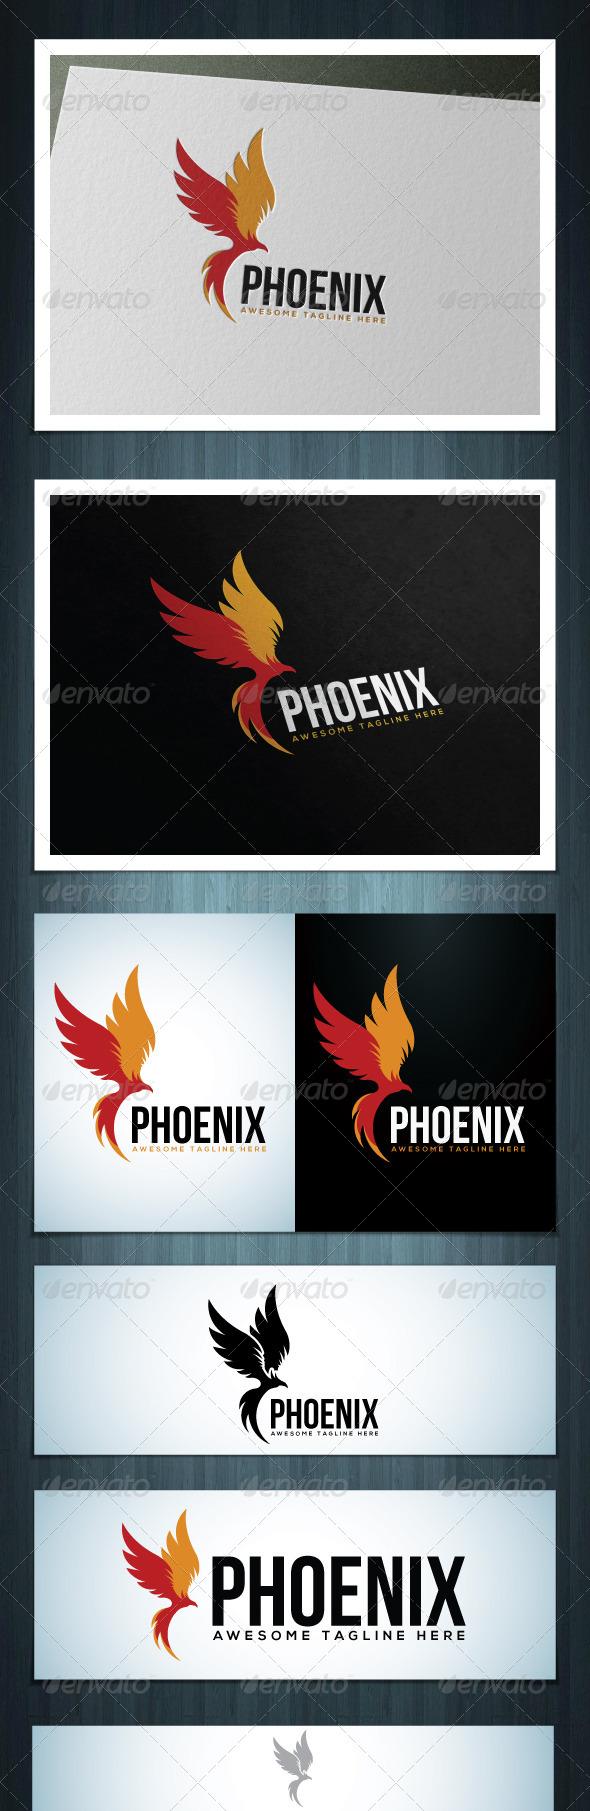 Phoenix - Vector Abstract